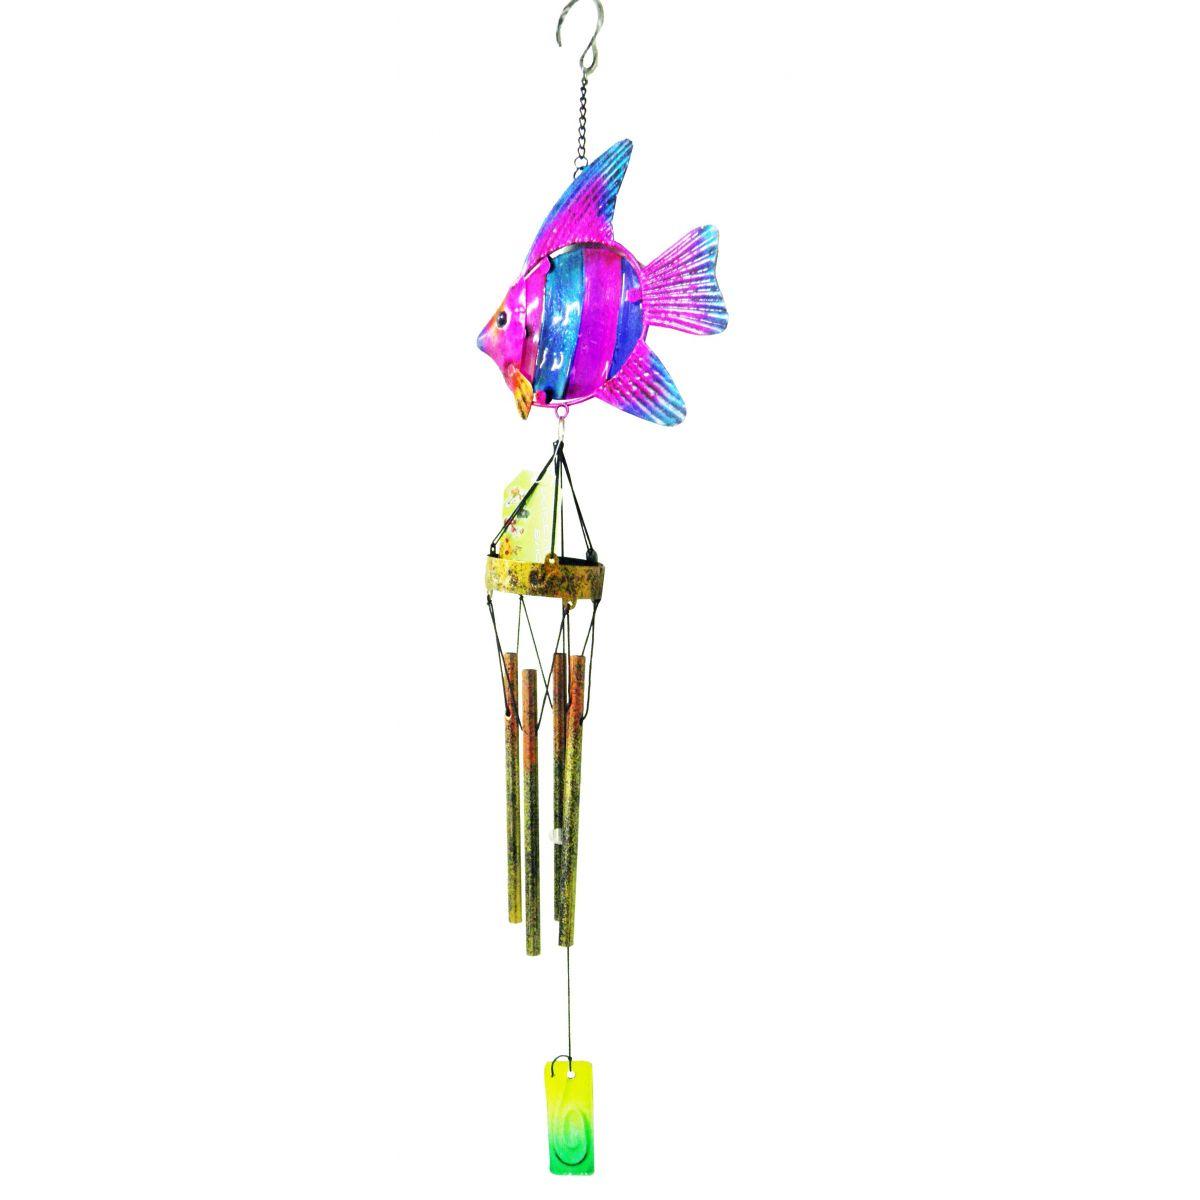 Sino Dos Ventos Relaxamento Forma de Peixe Rosa (SIN-10)